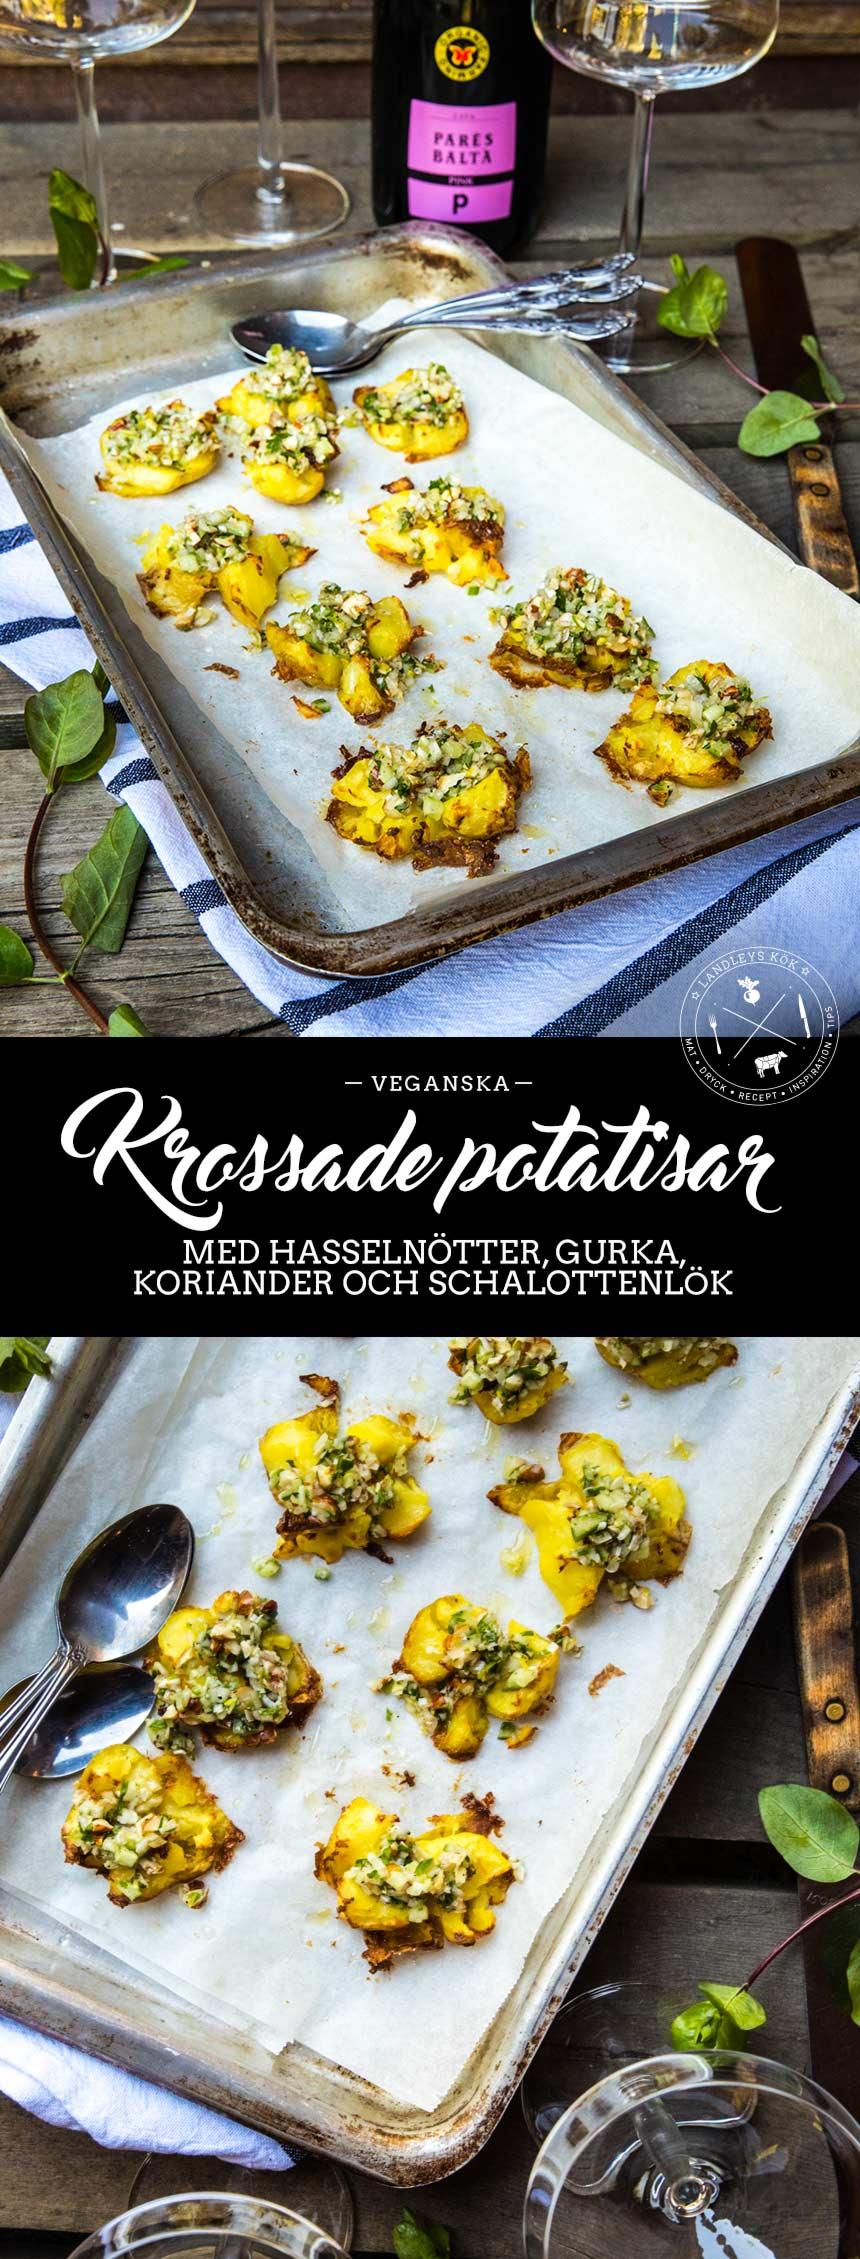 Krossade potatisar med vegansk topping (obs lägg upp bilder från resor!)